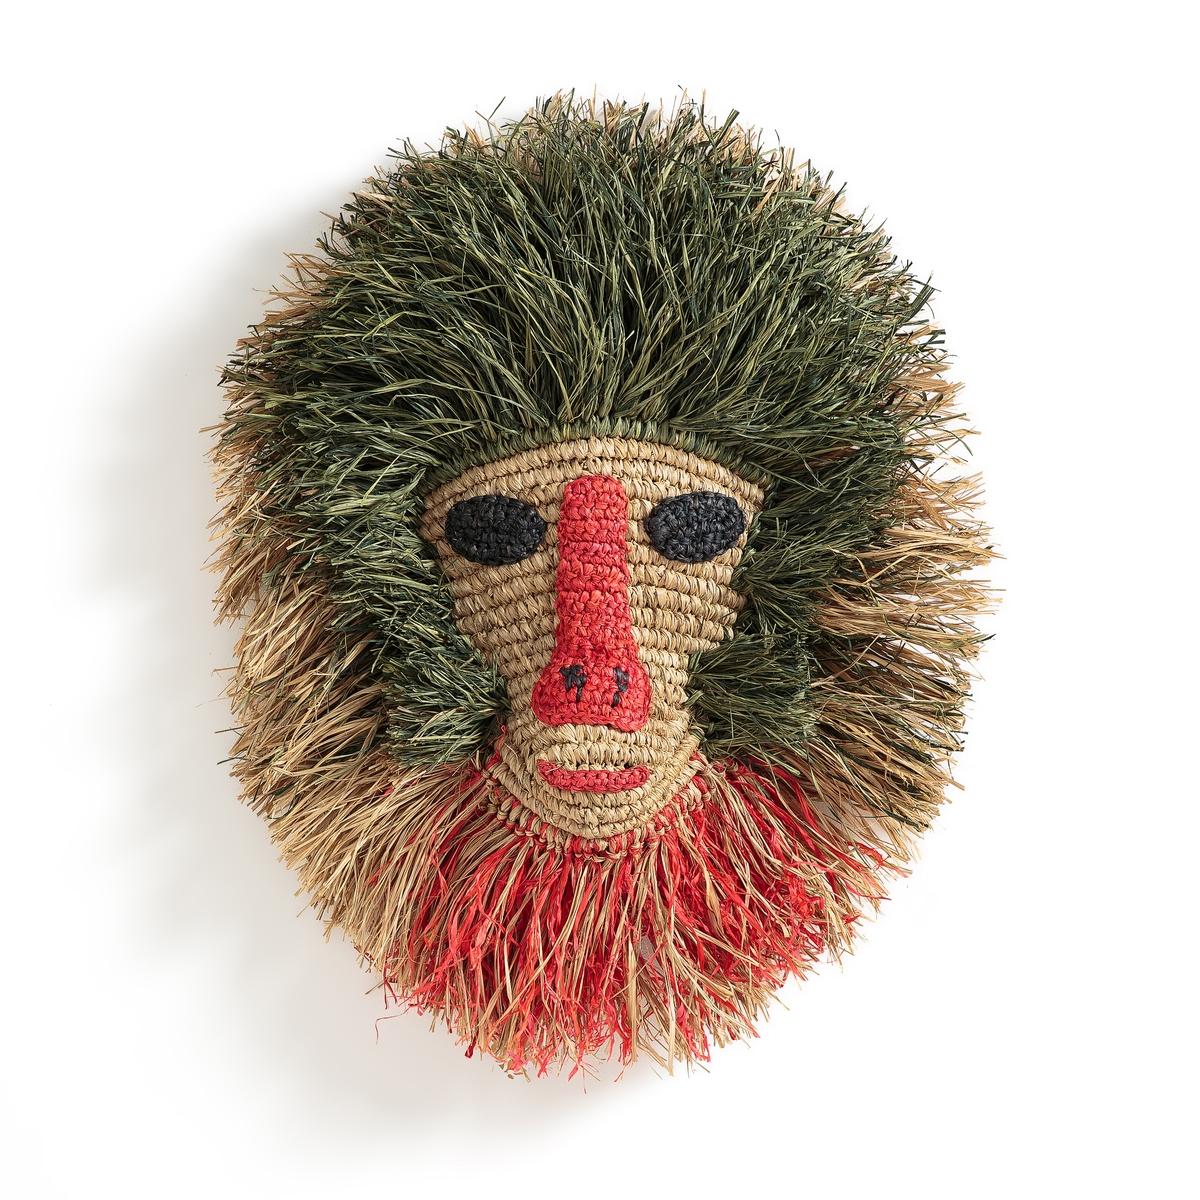 Украшение настенное в виде головы обезьяны RudyardНастенное украшение Rudyard. Раскрашенная голова обезьяны для дикого стиля комнате вашего ребенка! Из рафии и плетеного сизаля. Произведено вручную. Пластина для крепления на стену (винт и дюбель продаются отдельно). Размеры: Ш42 x В52 x Г11,5 см.<br><br>Цвет: разноцветный